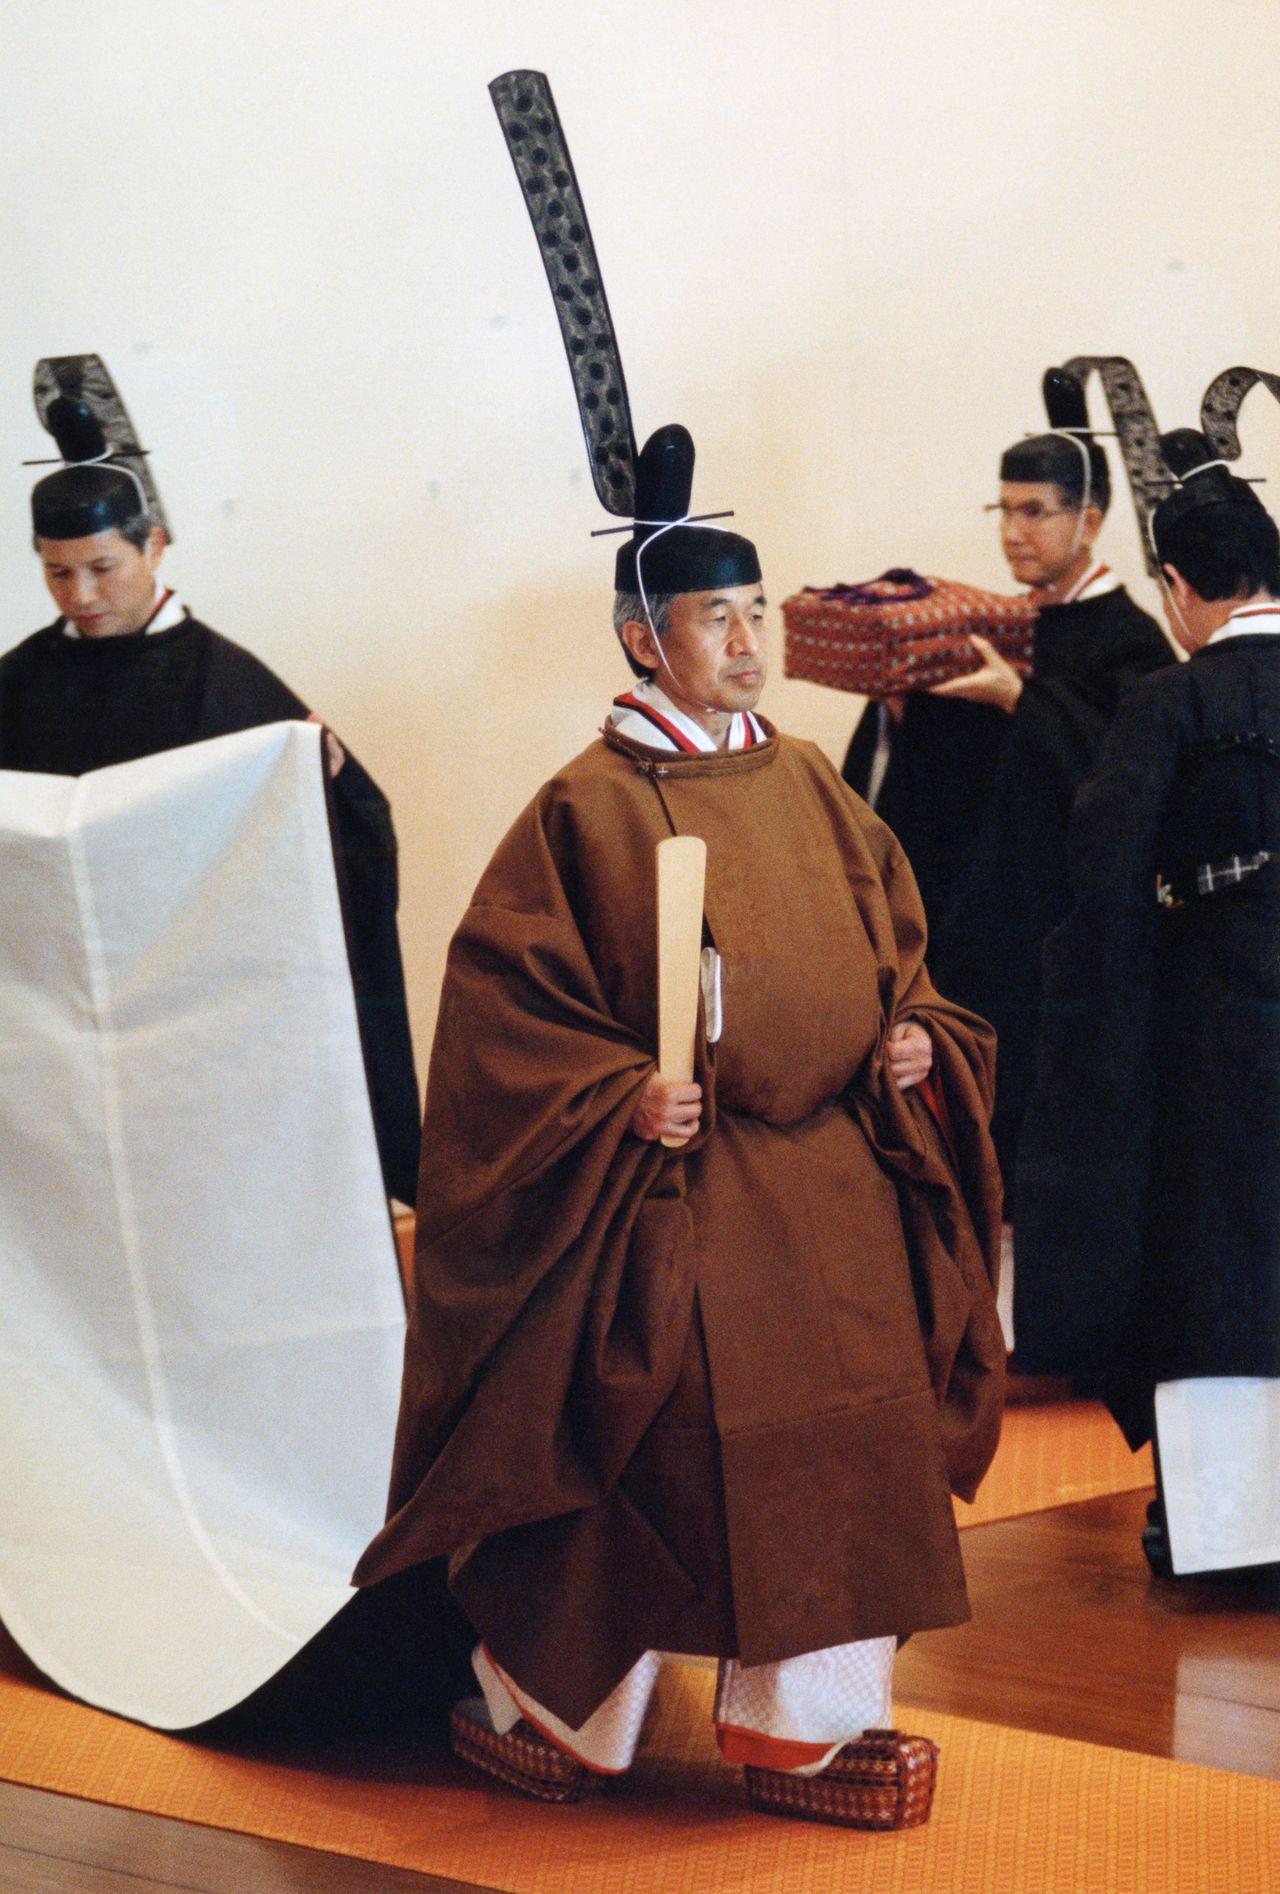 Император Акихито (нынешний почётный император) в церемониальной одежде кородзэн-но гохо во время церемонии Сокуирэй Сэйдэн-но ги. В узорах одежды использованы мотивы павловнии, бамбука, феникса, мифического животного кирин. В правой руке он держит церемониальную табличку сяку, он обут в сокай – обувь из дерева, украшенная парчой и напоминающая обувь синтоистских священников асагуцу. 12 ноября 1990 г., зал Мацу-но ма (Jiji Press)